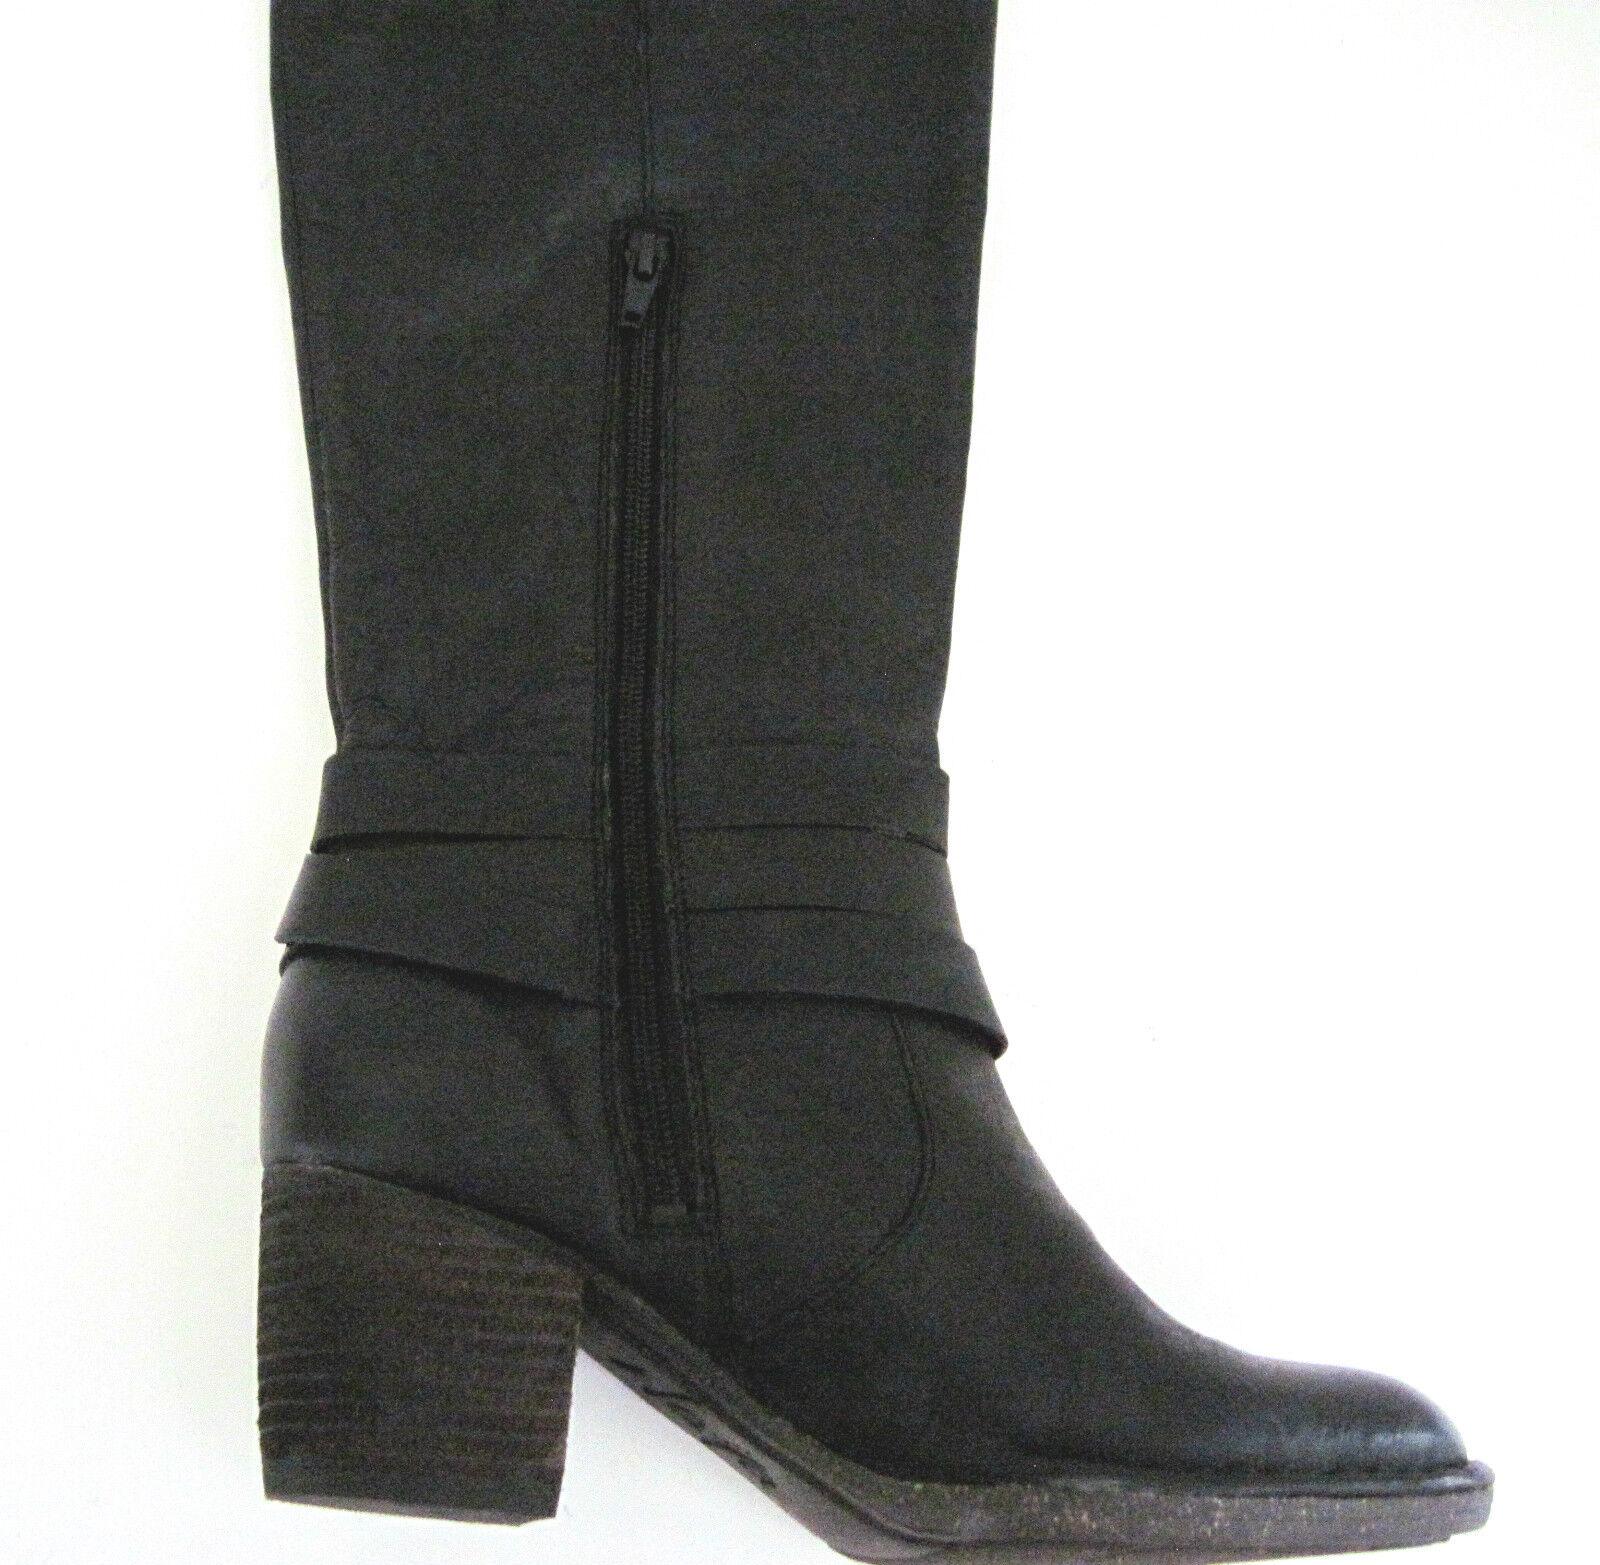 botas De Cuero Negro Negro Negro Naya Gacela diseñador de hardware para mujer Talla 7 1 2 M, Nuevo 055c6f